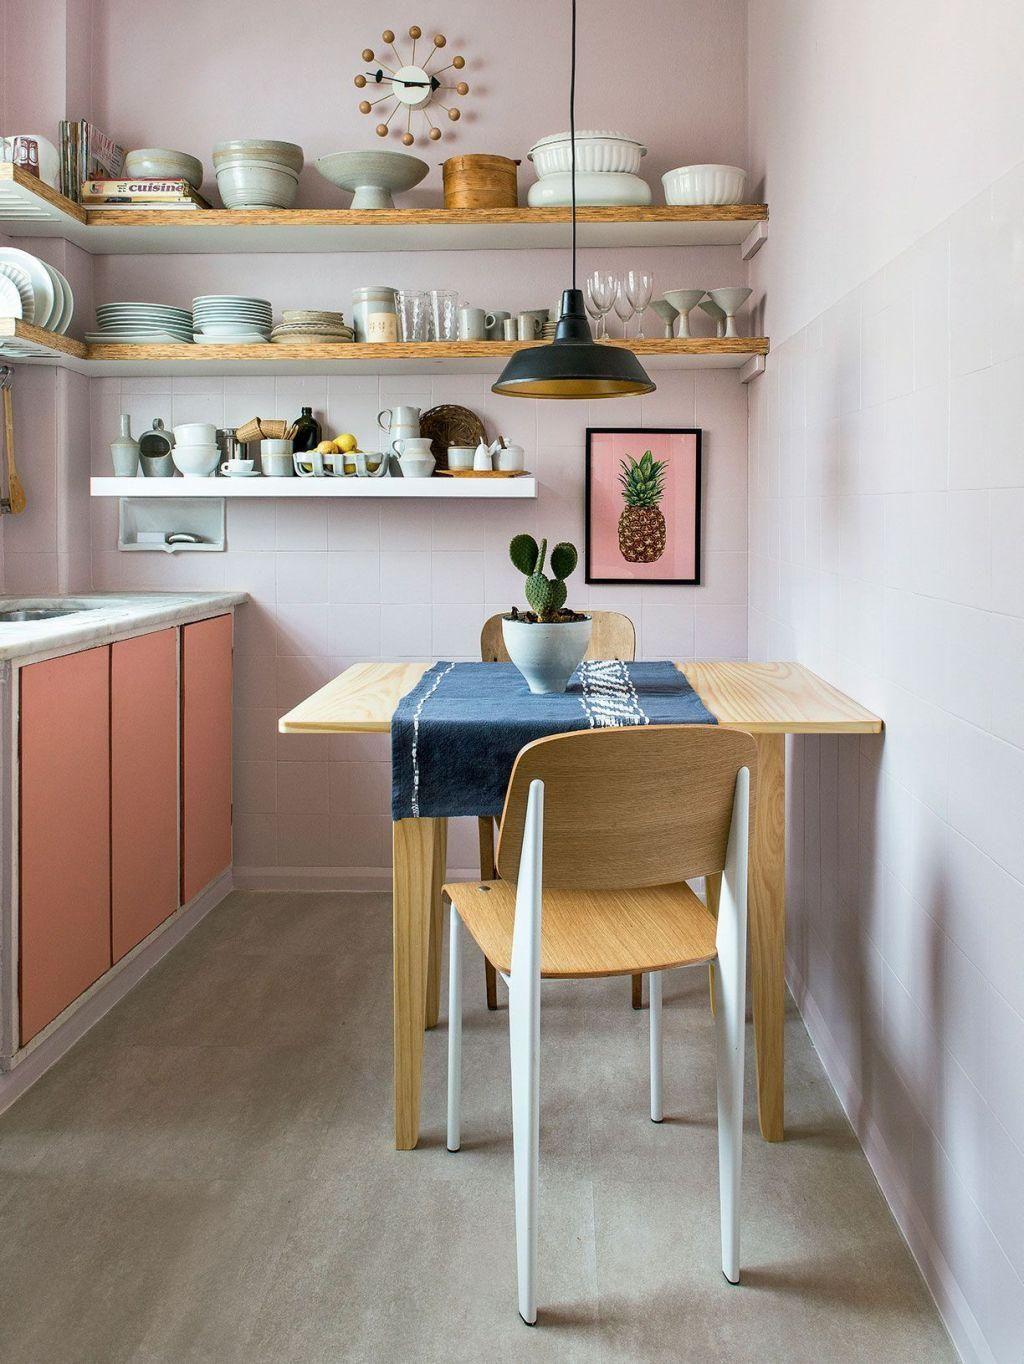 Einfache Küche: 60 schöne und günstige Dekoration Tipps | Zuhause ...